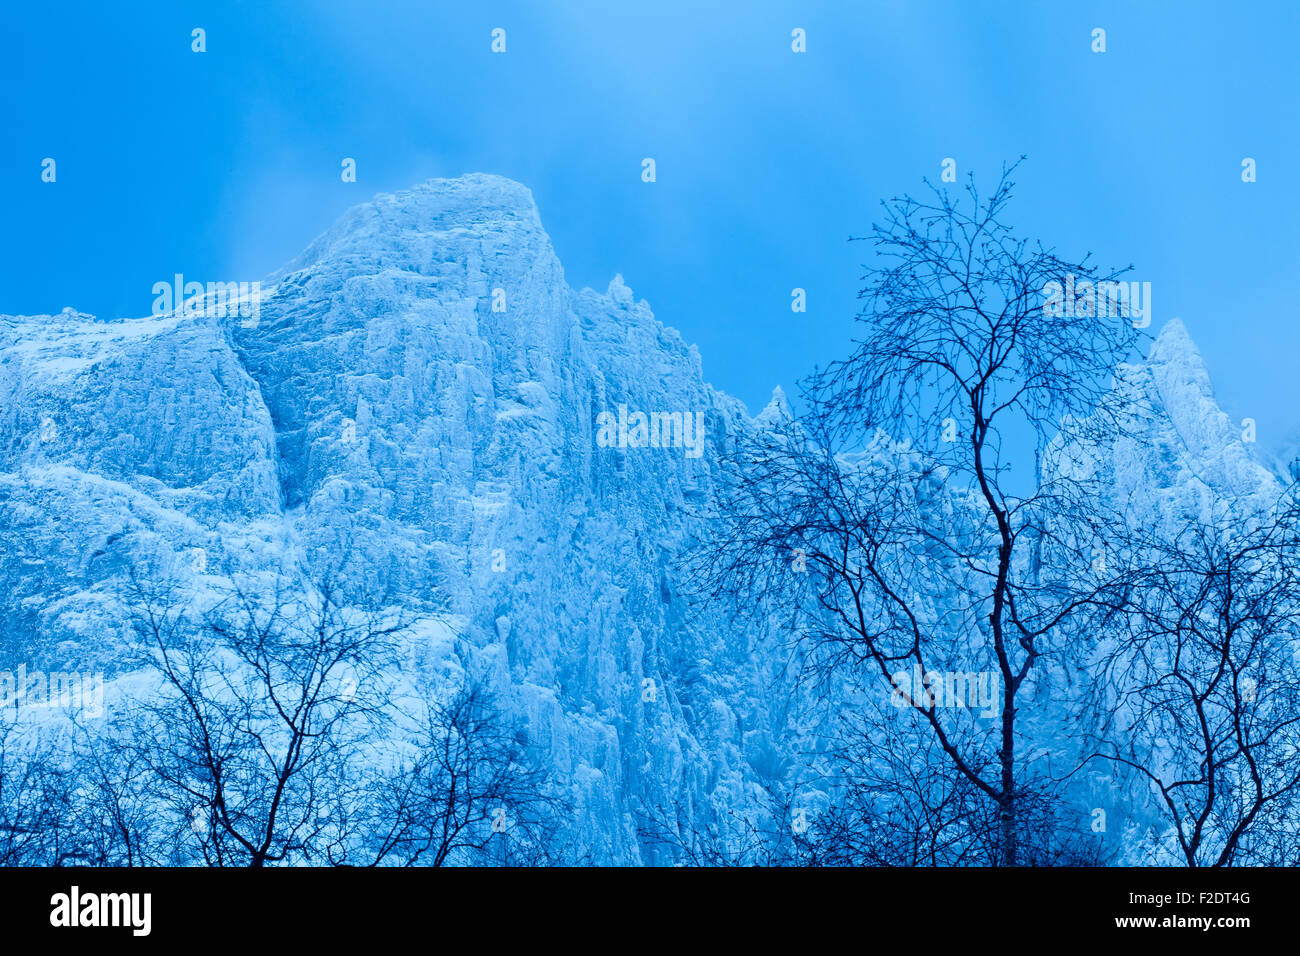 Blaue Stunde und Winter im Tal Romsdalen Møre Og Romsdalen, Norwegen. Stockbild